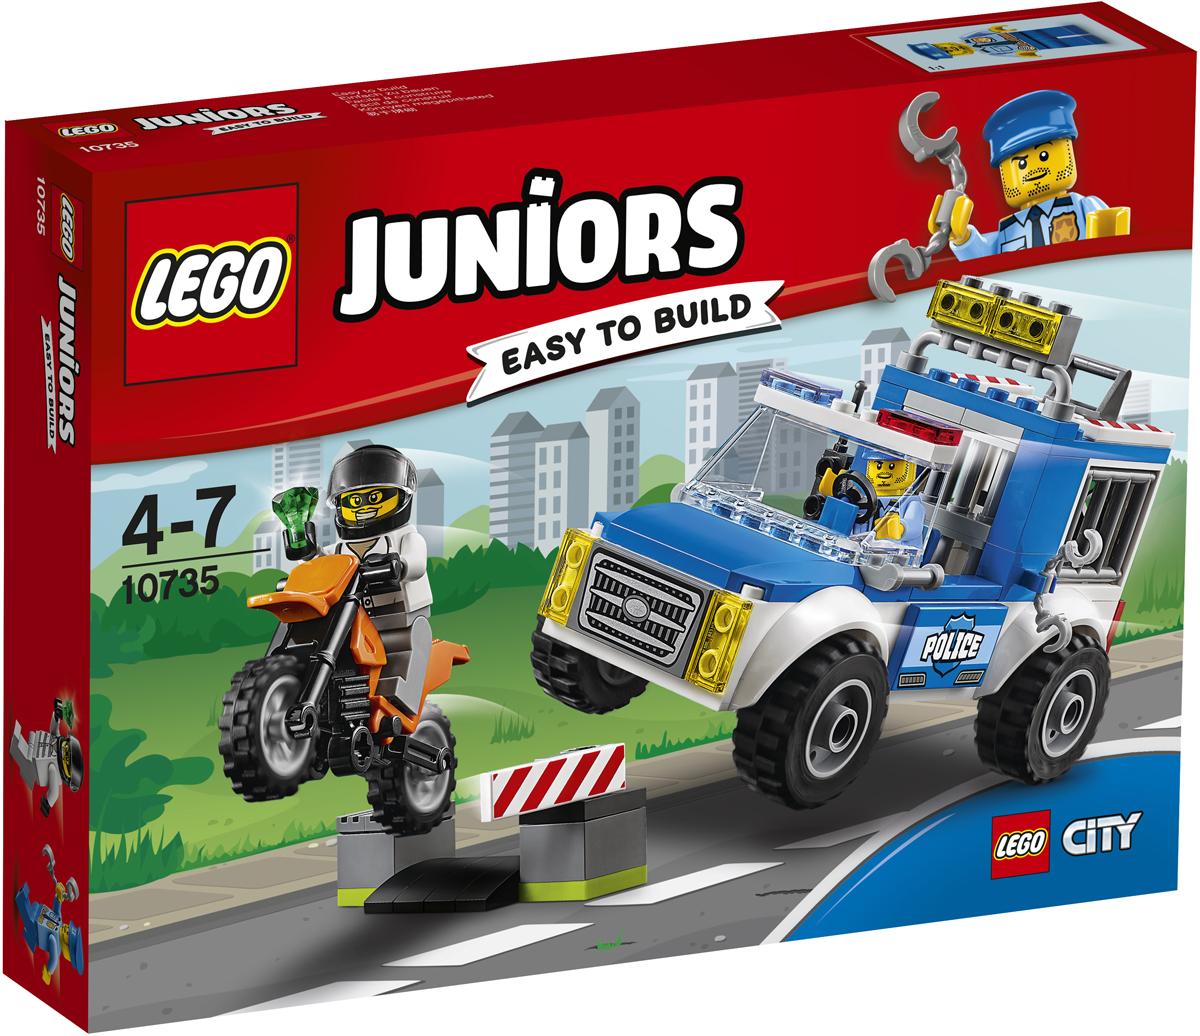 LEGO Juniors Конструктор Погоня на полицейском грузовике 10735 конструктор lego juniors погоня на полицейском вертолёте 10720